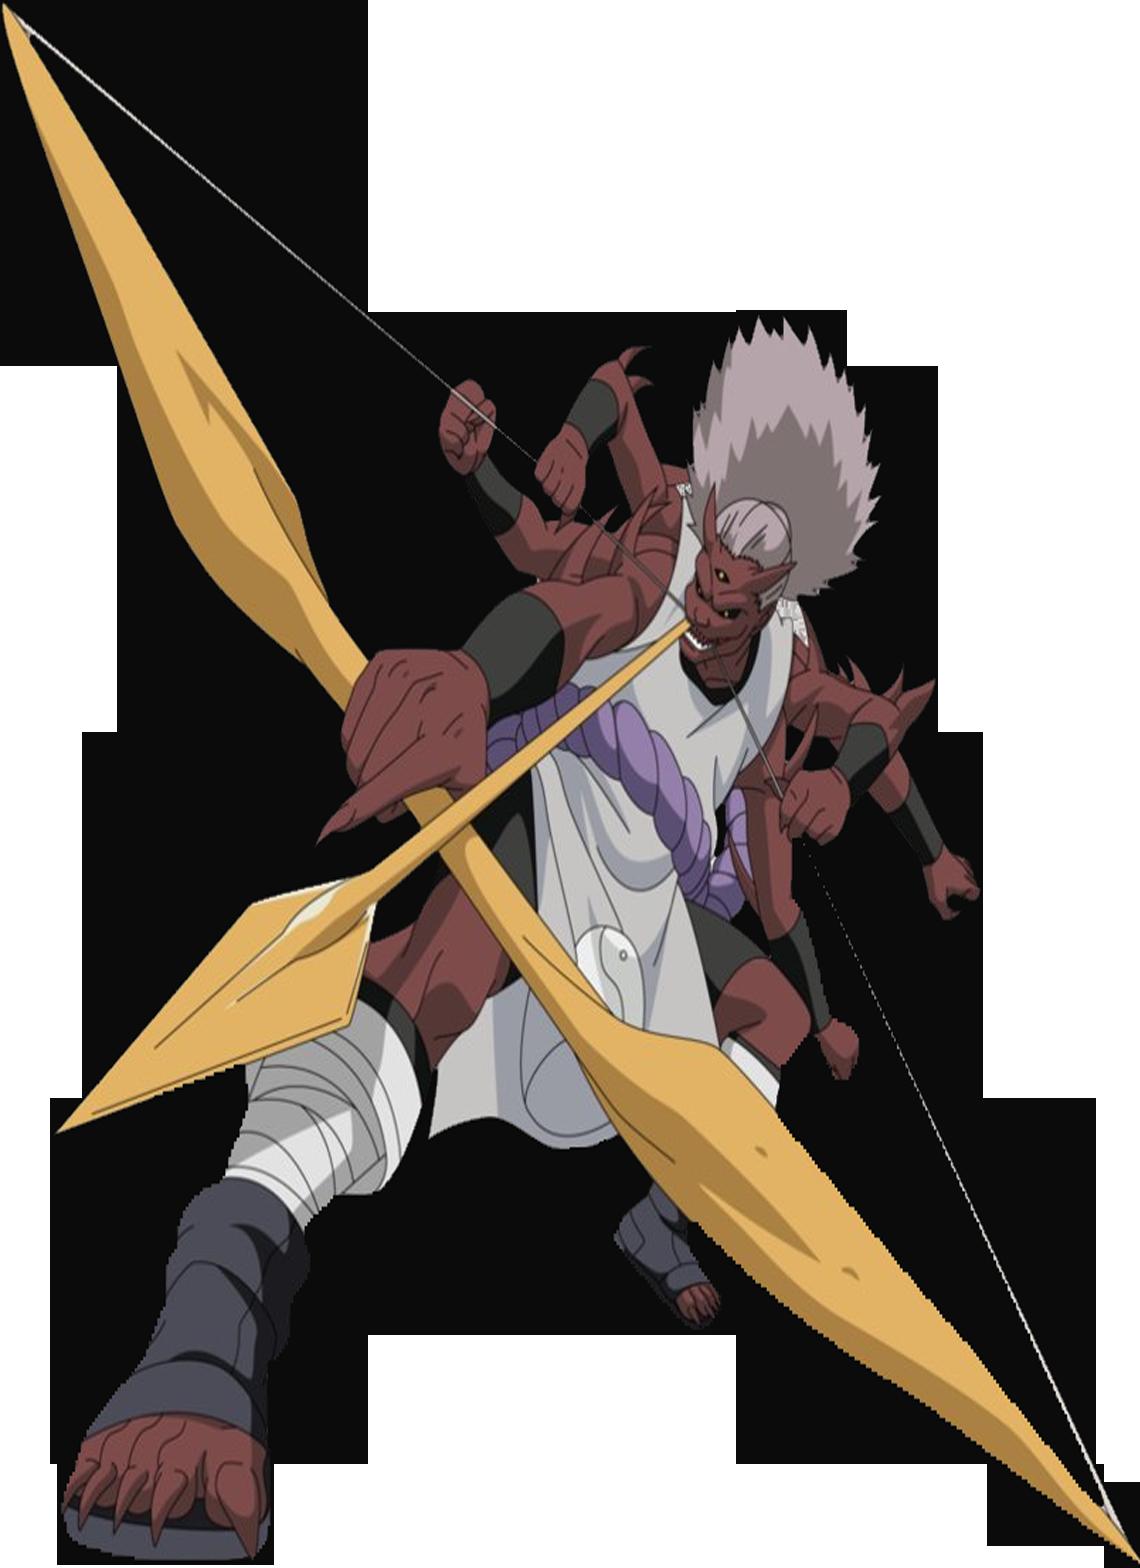 Kidomaru - Transformado | Super anime, Boruto personagens, Naruto